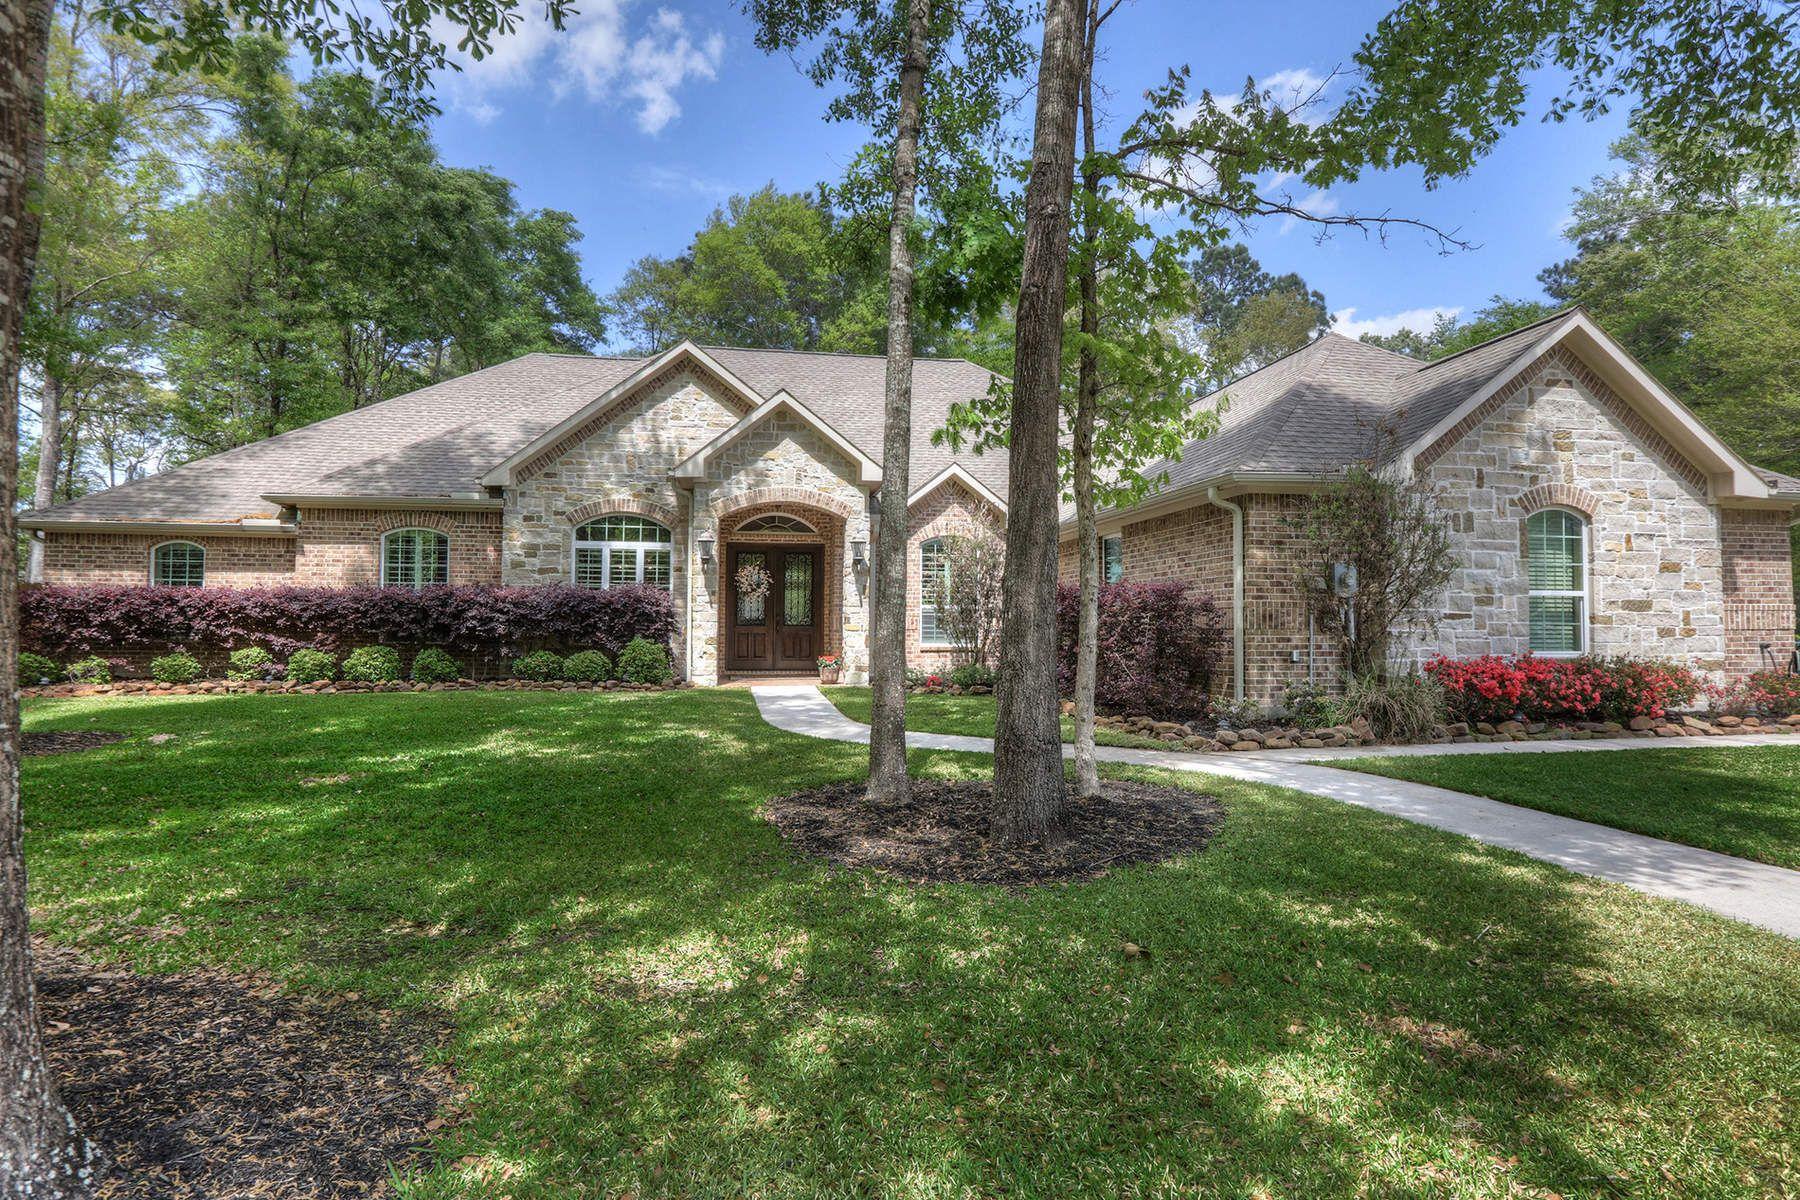 Casa Unifamiliar por un Venta en 19405 Ucayali Ct 19405 Ucayali Ct Porter, Texas 77365 Estados Unidos